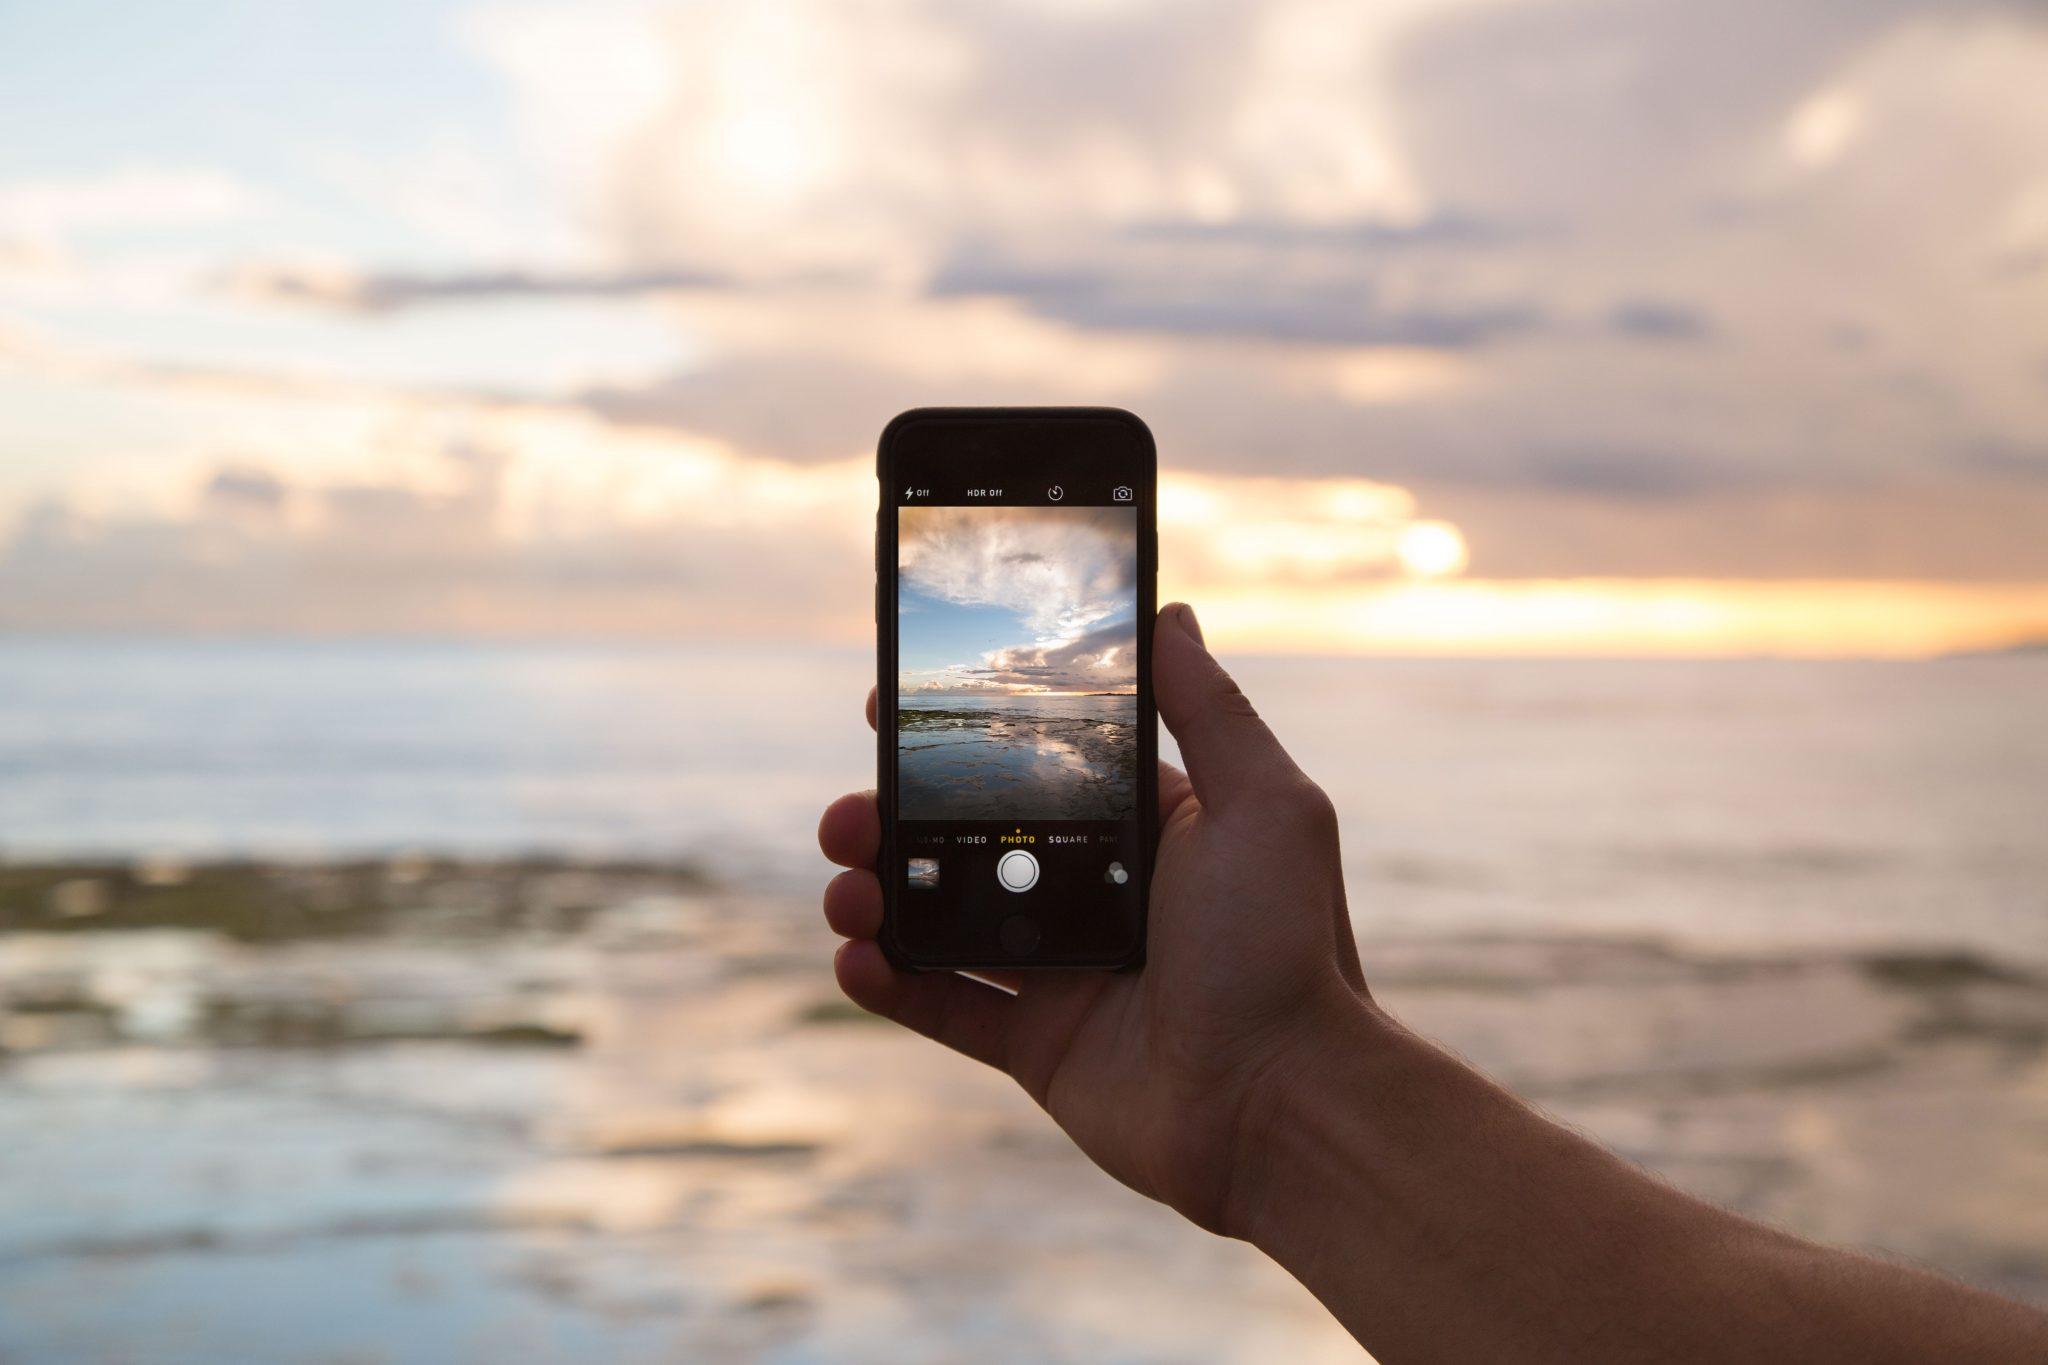 Mano di una persona che scatta fotografie di un tramonto al mare con lo Smartphone - foto in CC pubblicata da tatianaberlaffa.com